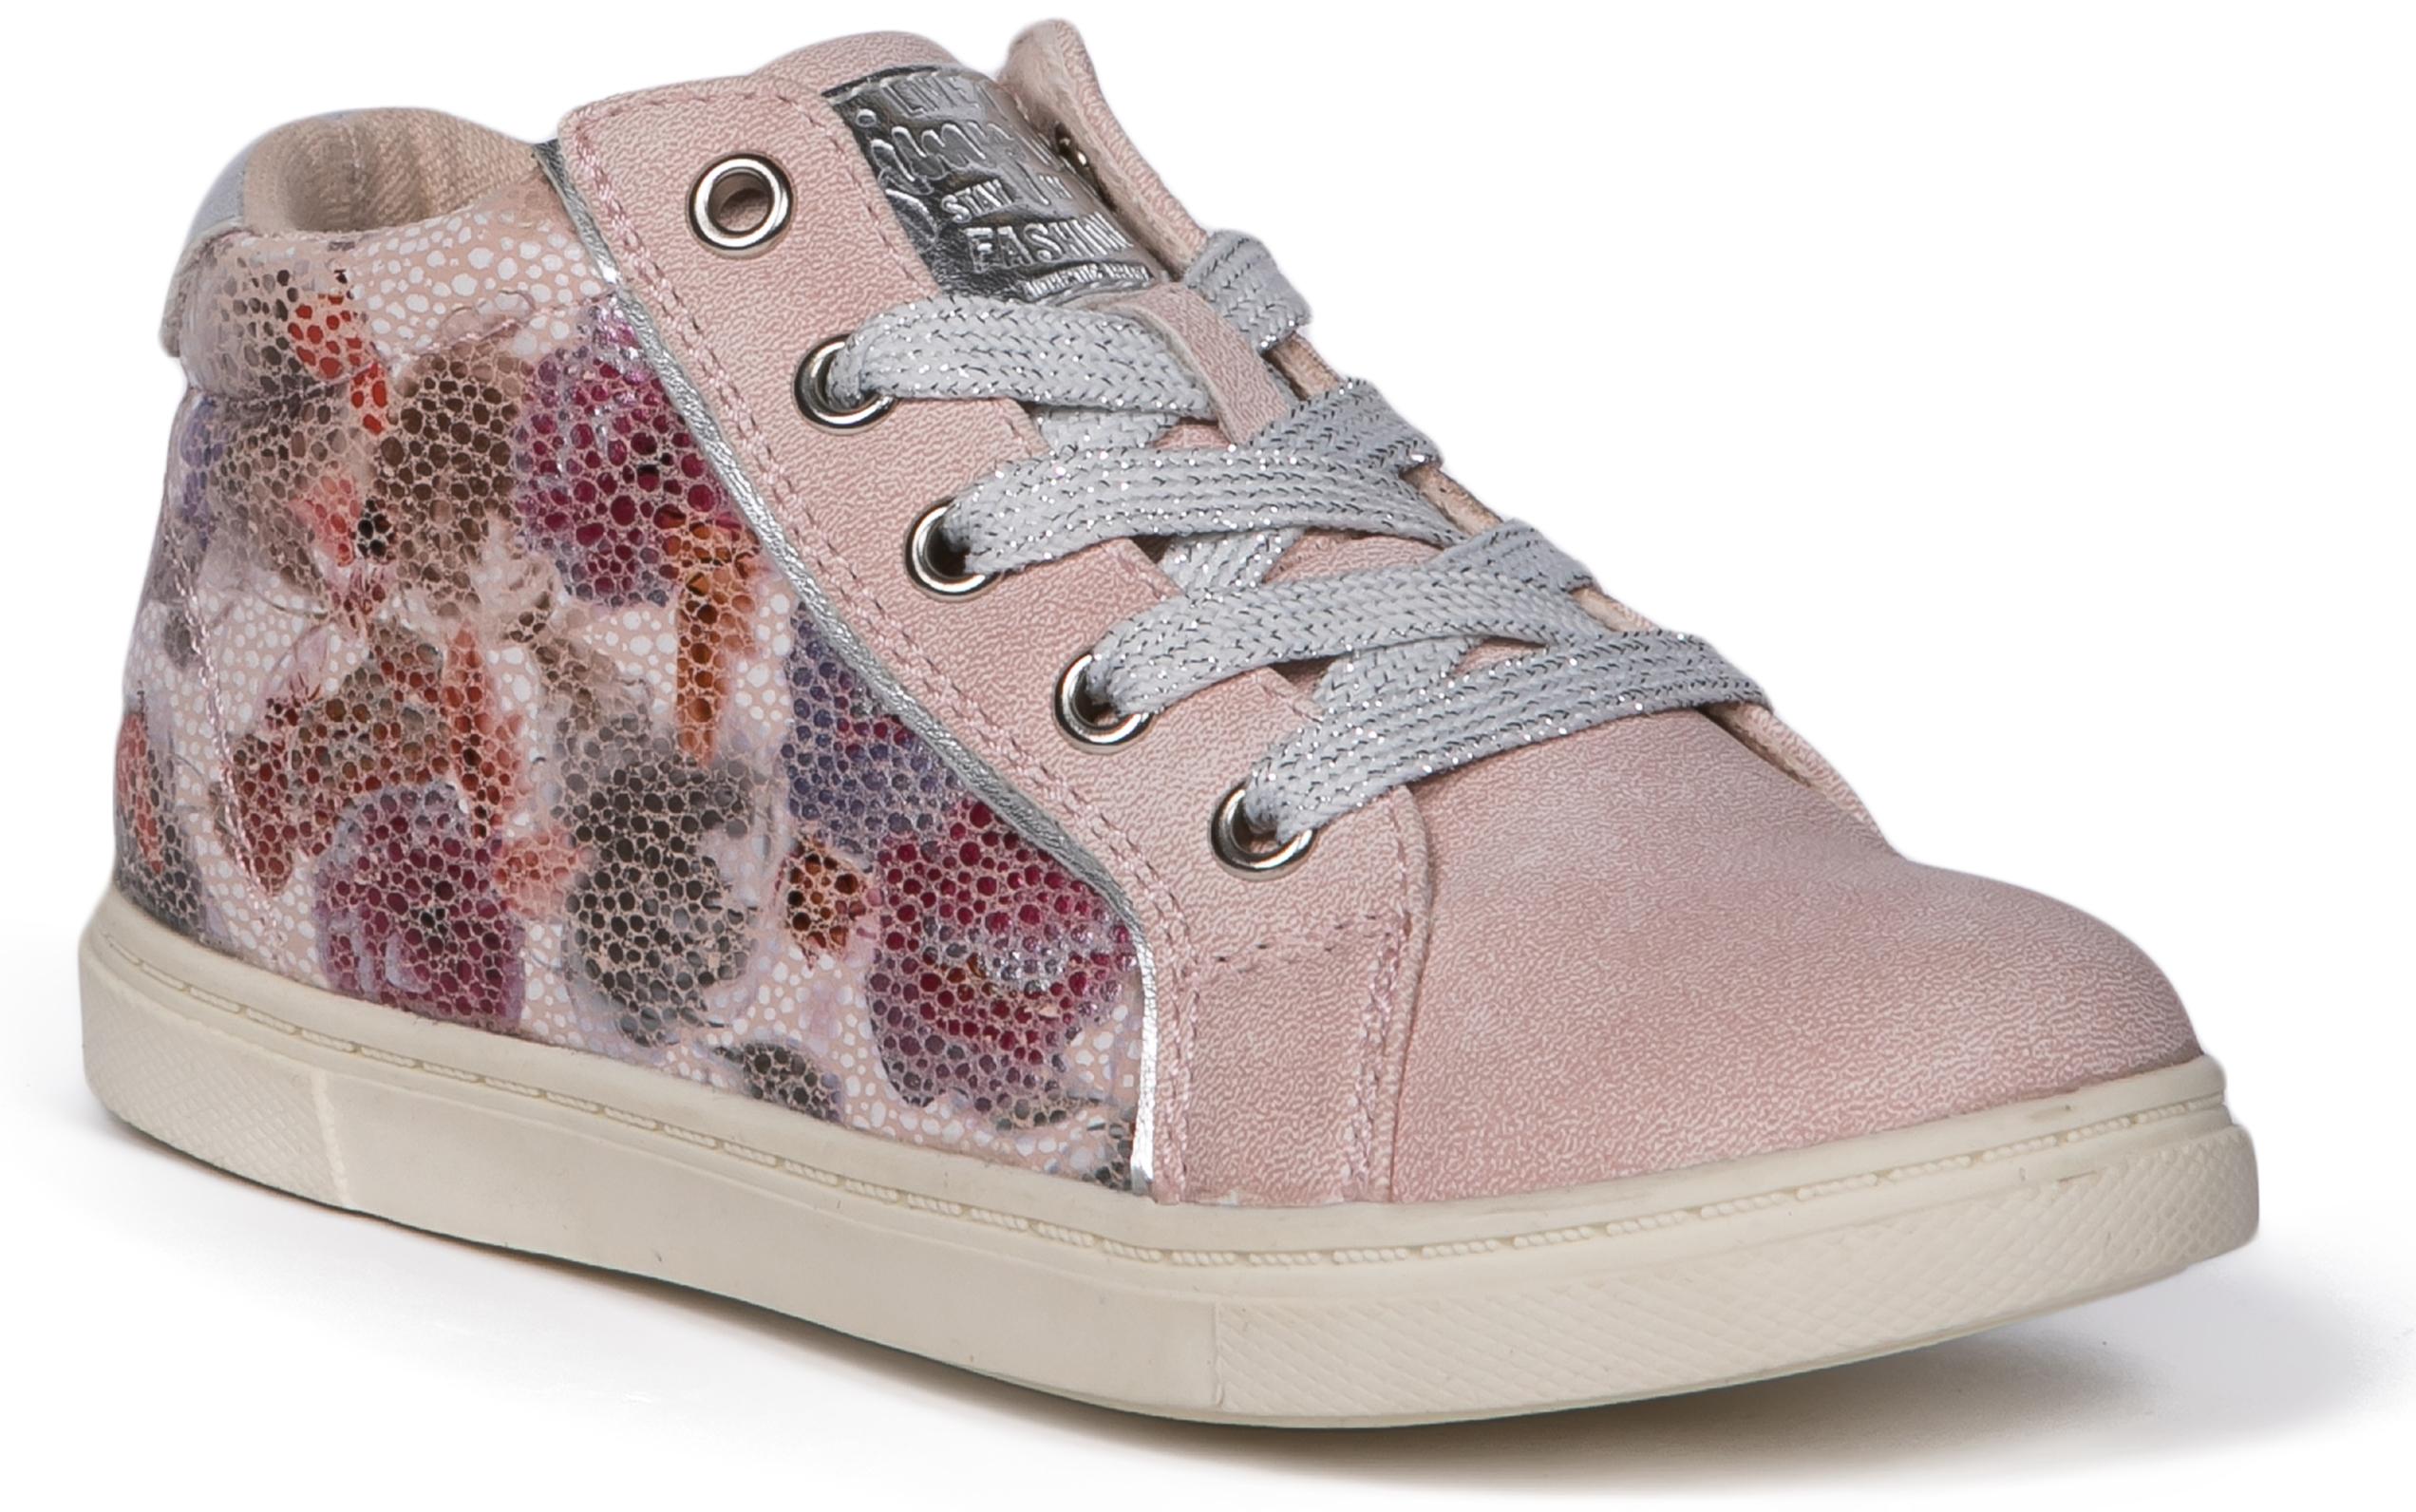 Ботинки и полуботинки Barkito 386659 полуботинки типа кроссовых для девочки barkito светло розовый